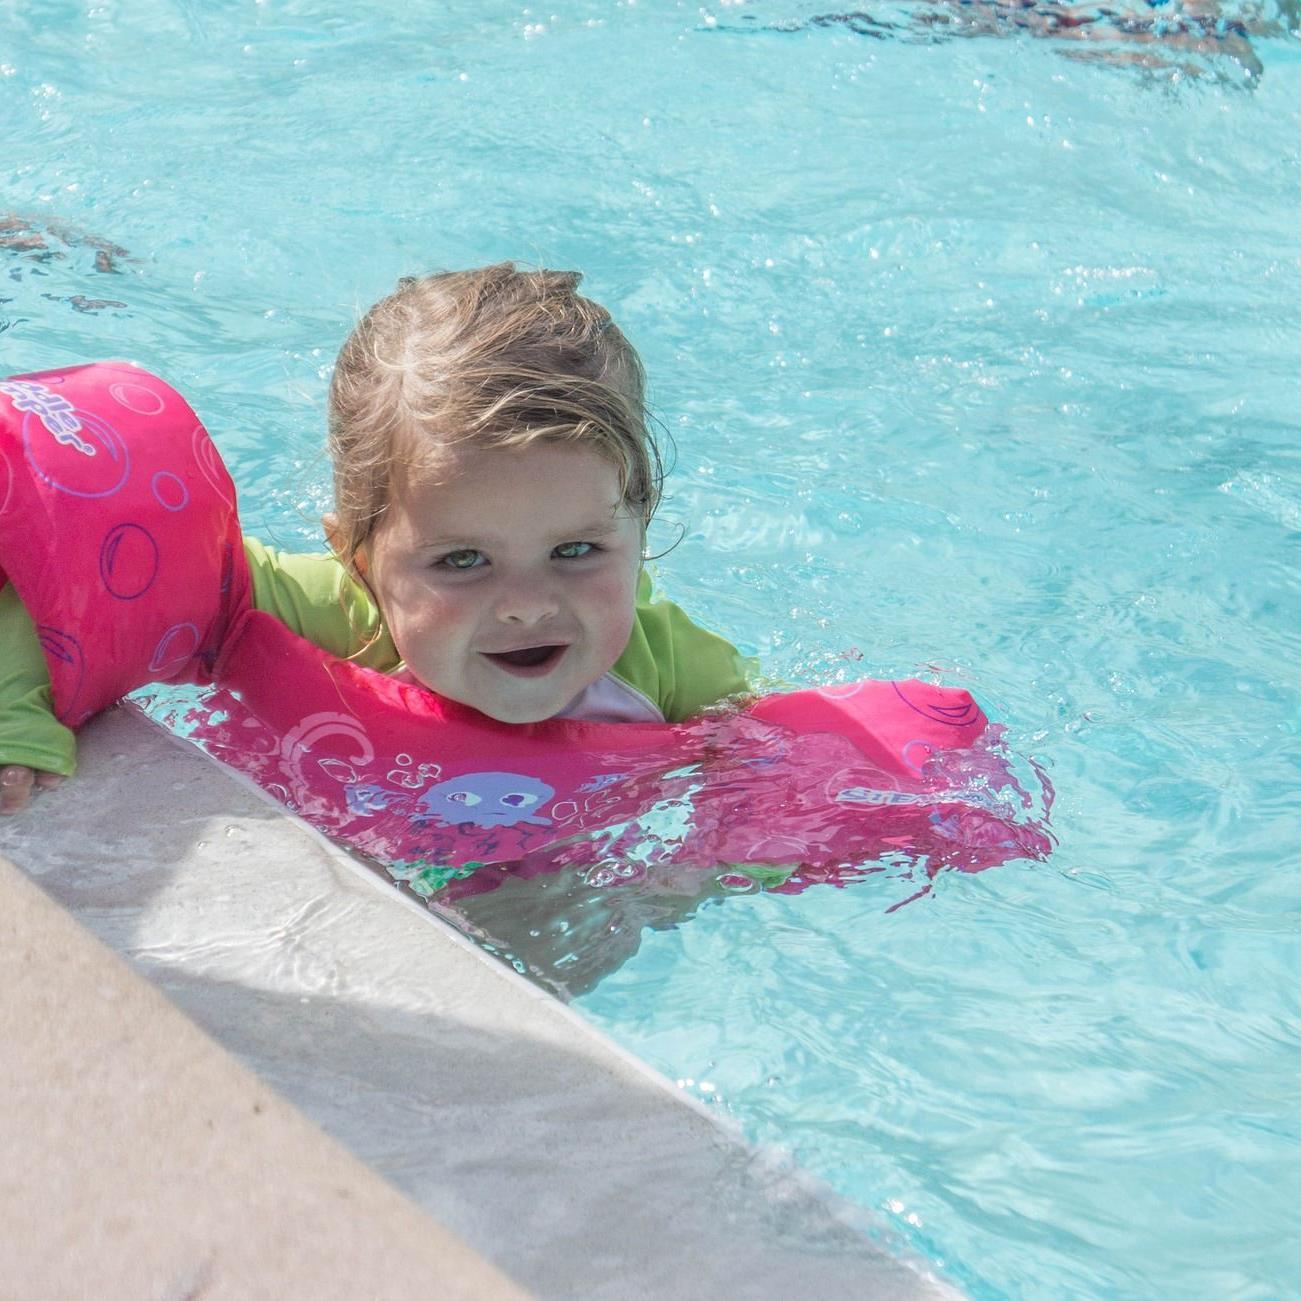 Ertrinkungsgefahr: Schwimmflügel sind kein Ersatz für die Achtsamkeit der Eltern